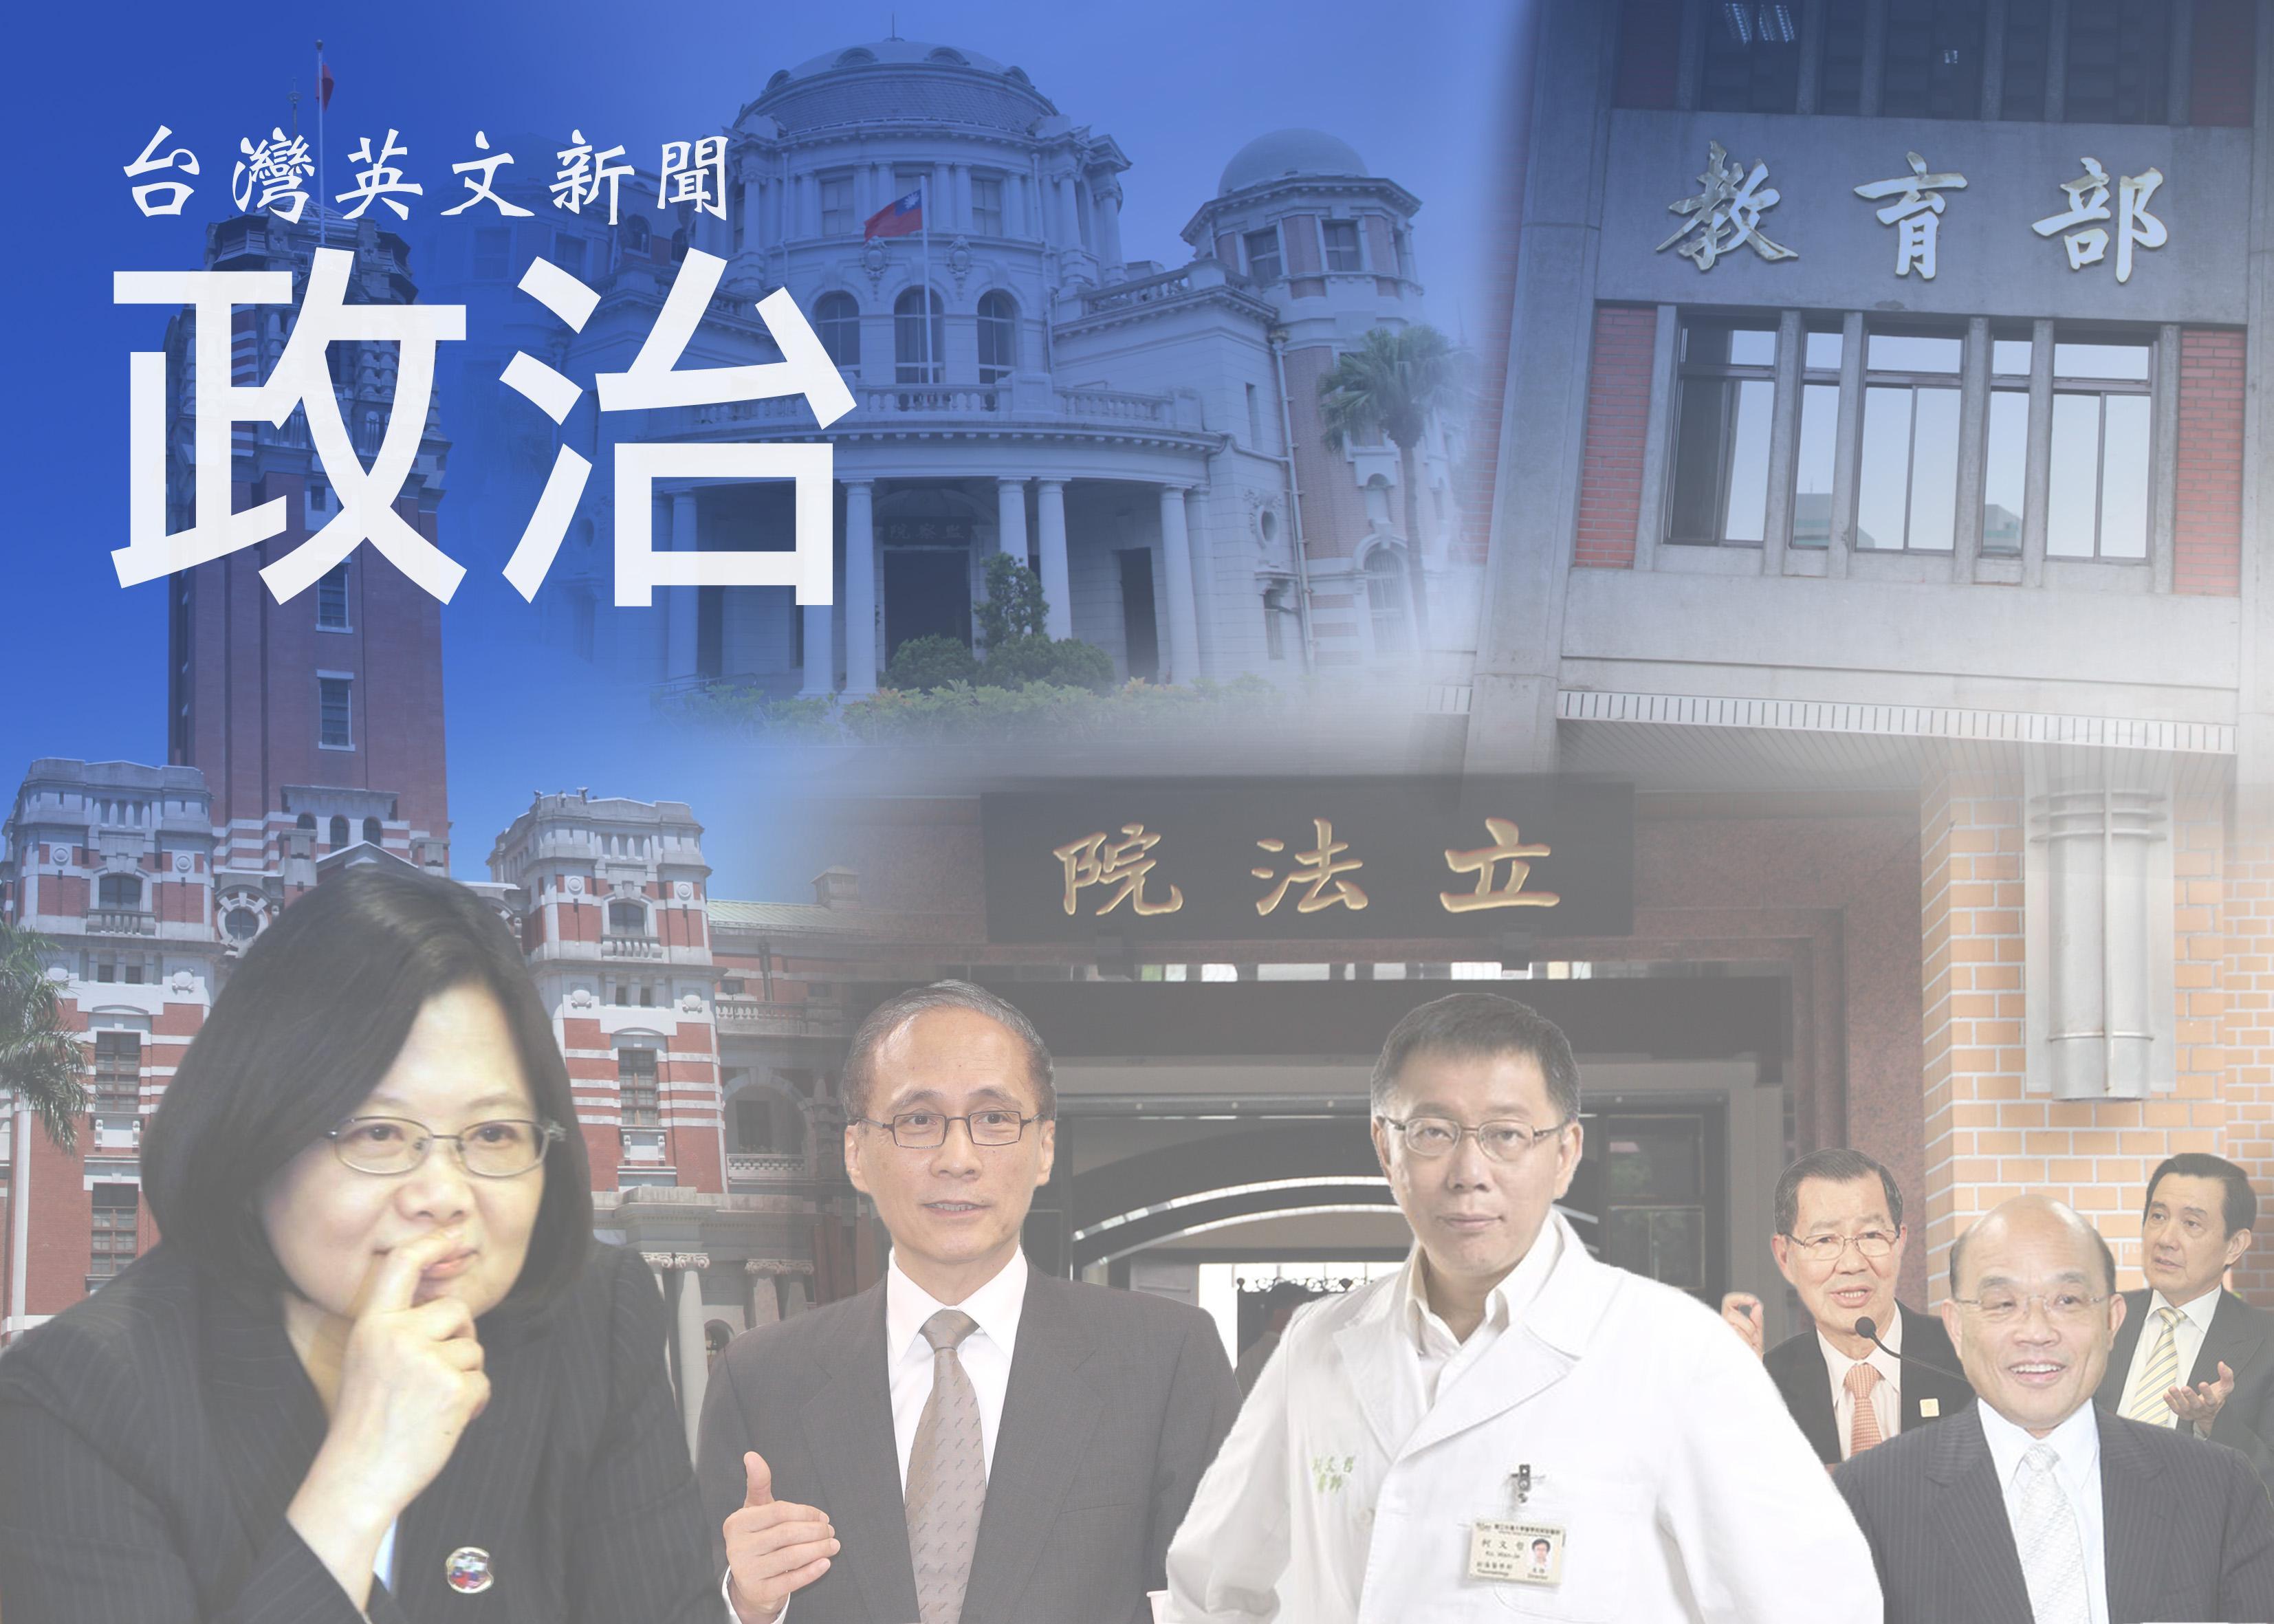 法人董監申報財產 司委會:法部勿擴權解釋